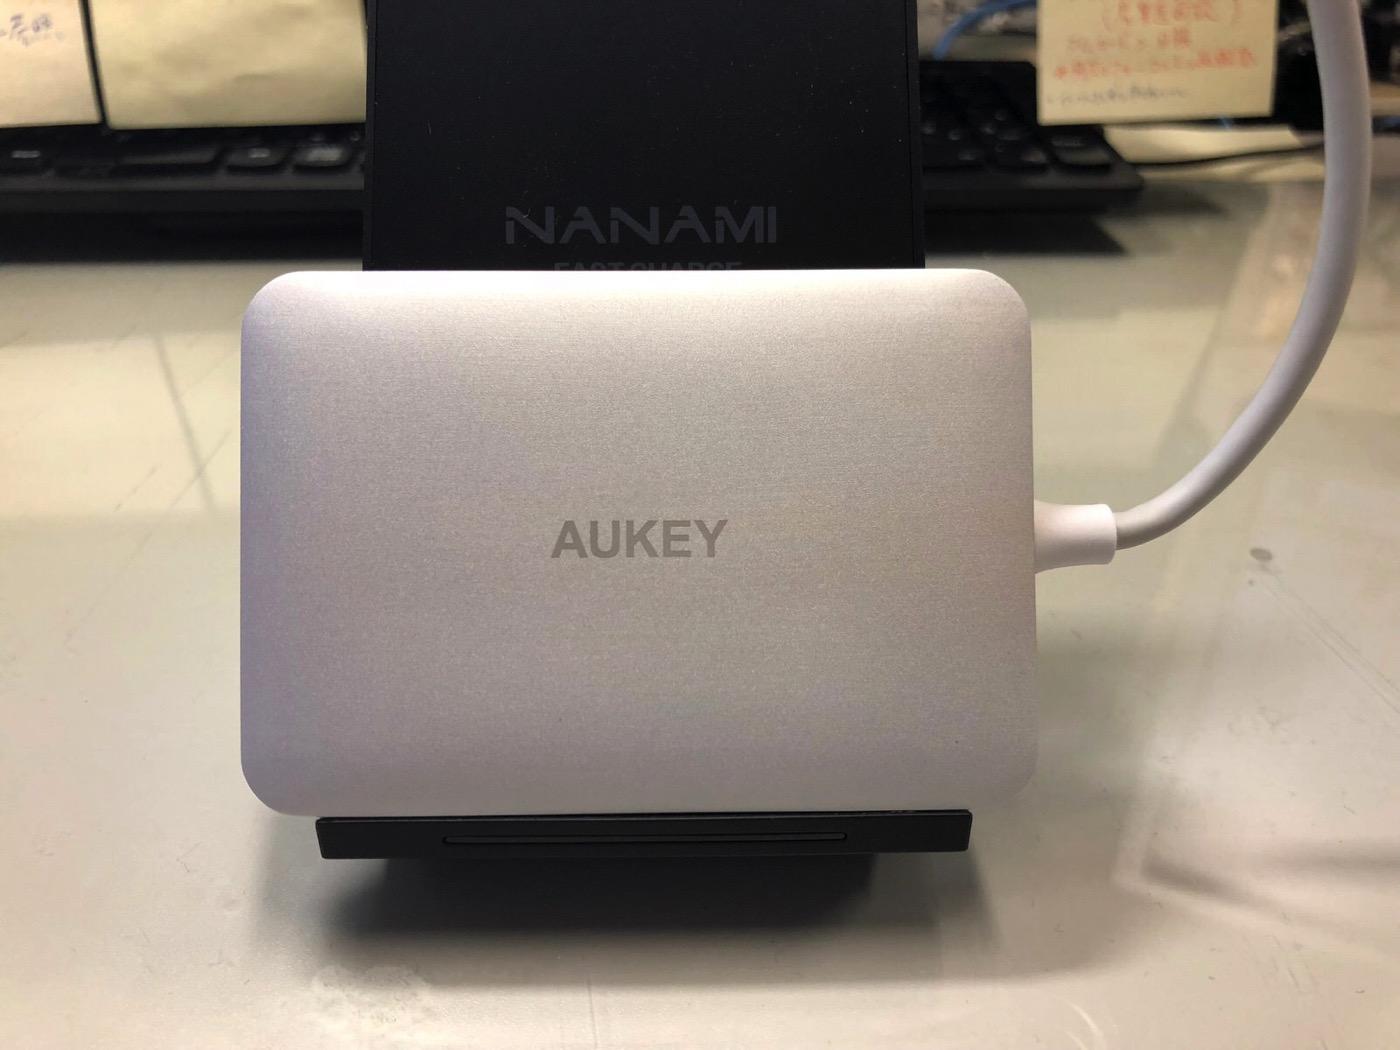 AUKEY USB C ハブ 7 in 1 マルチハブ-4